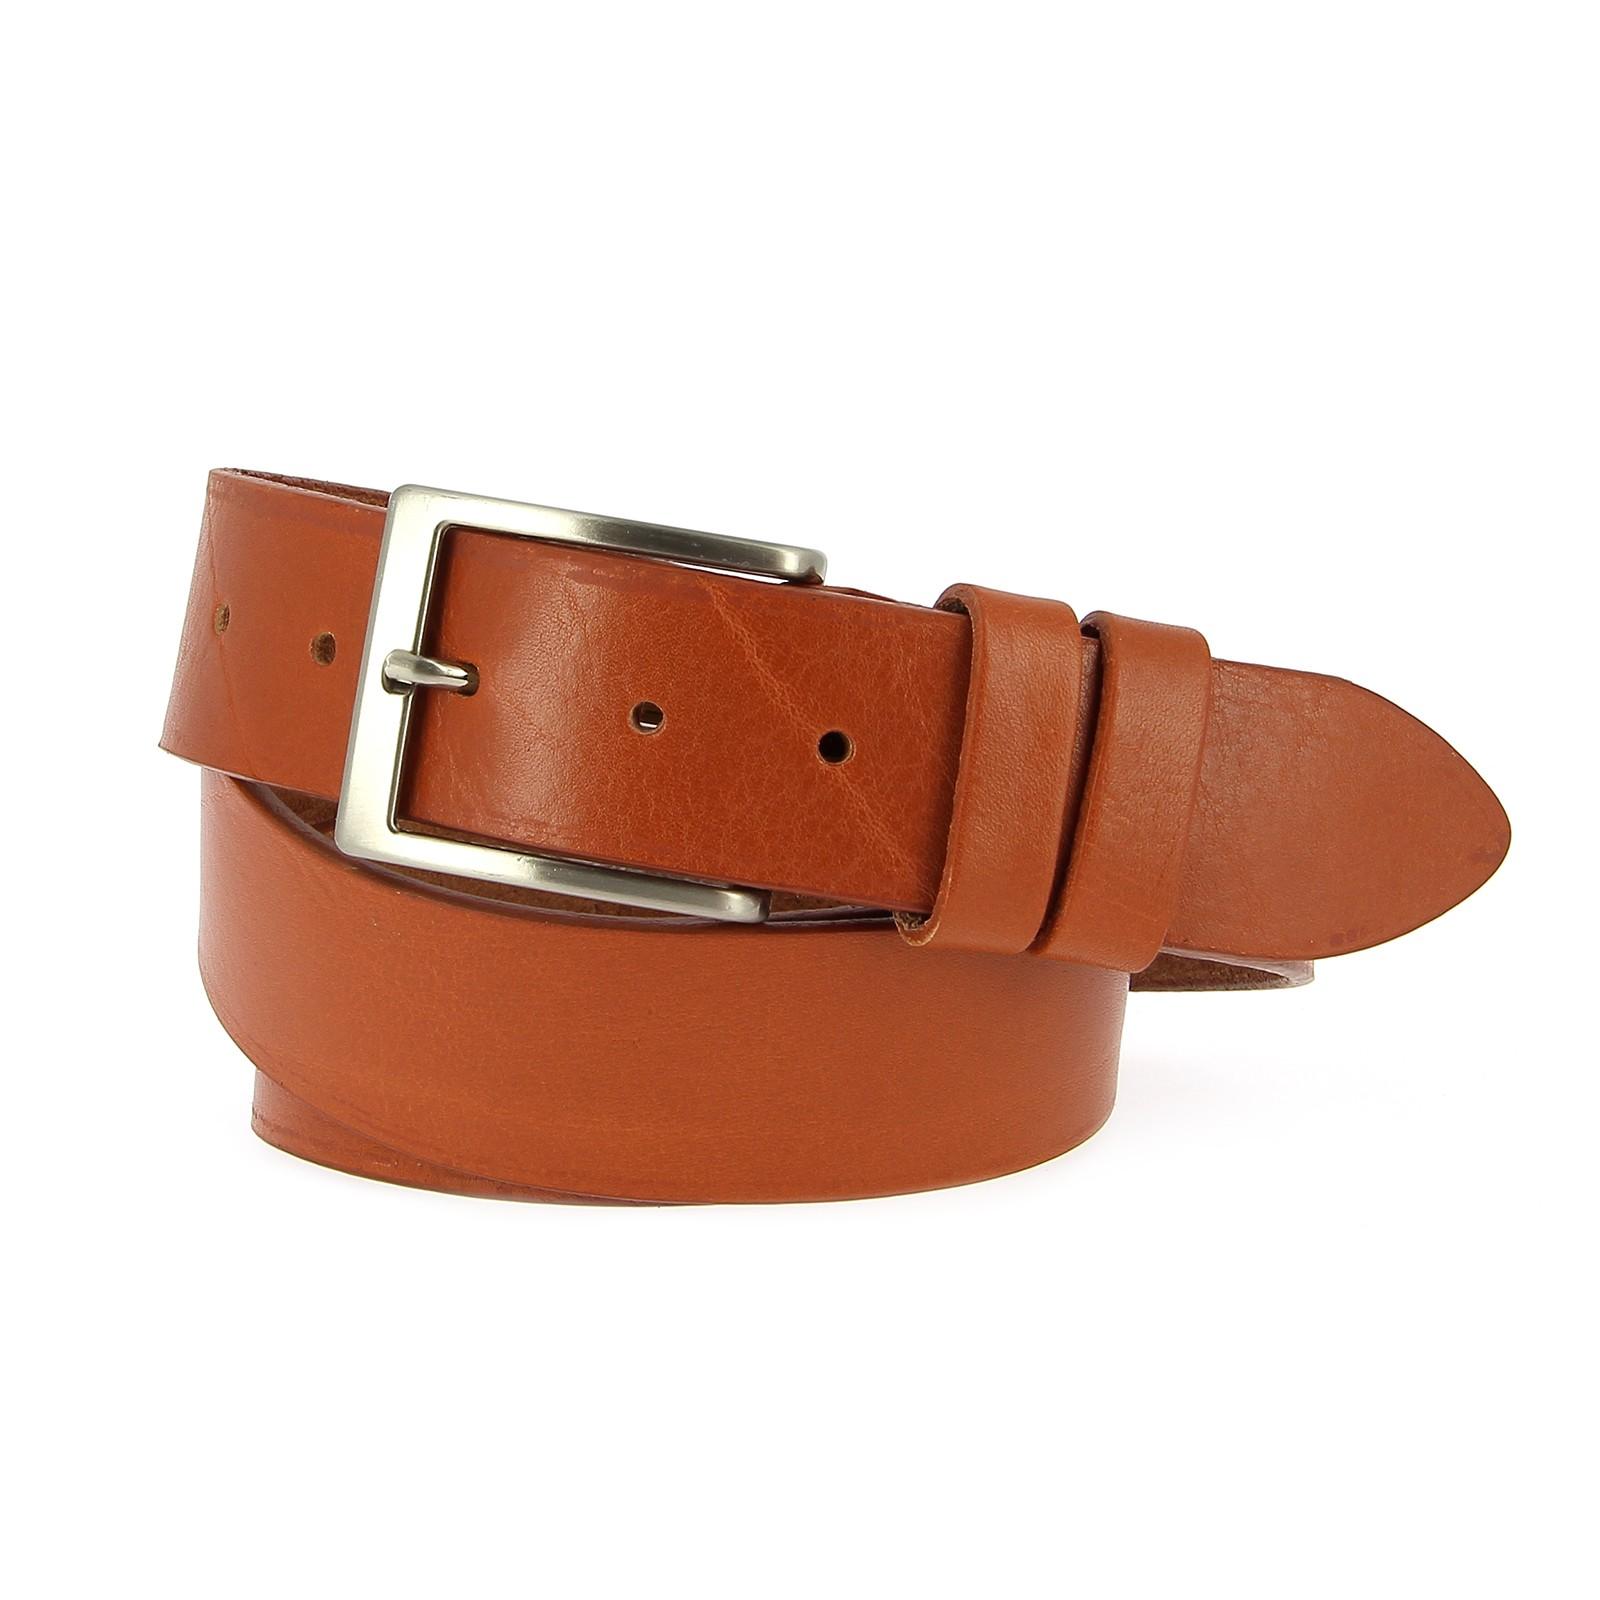 Belts Leather 40mm 130cm Jean Cognac